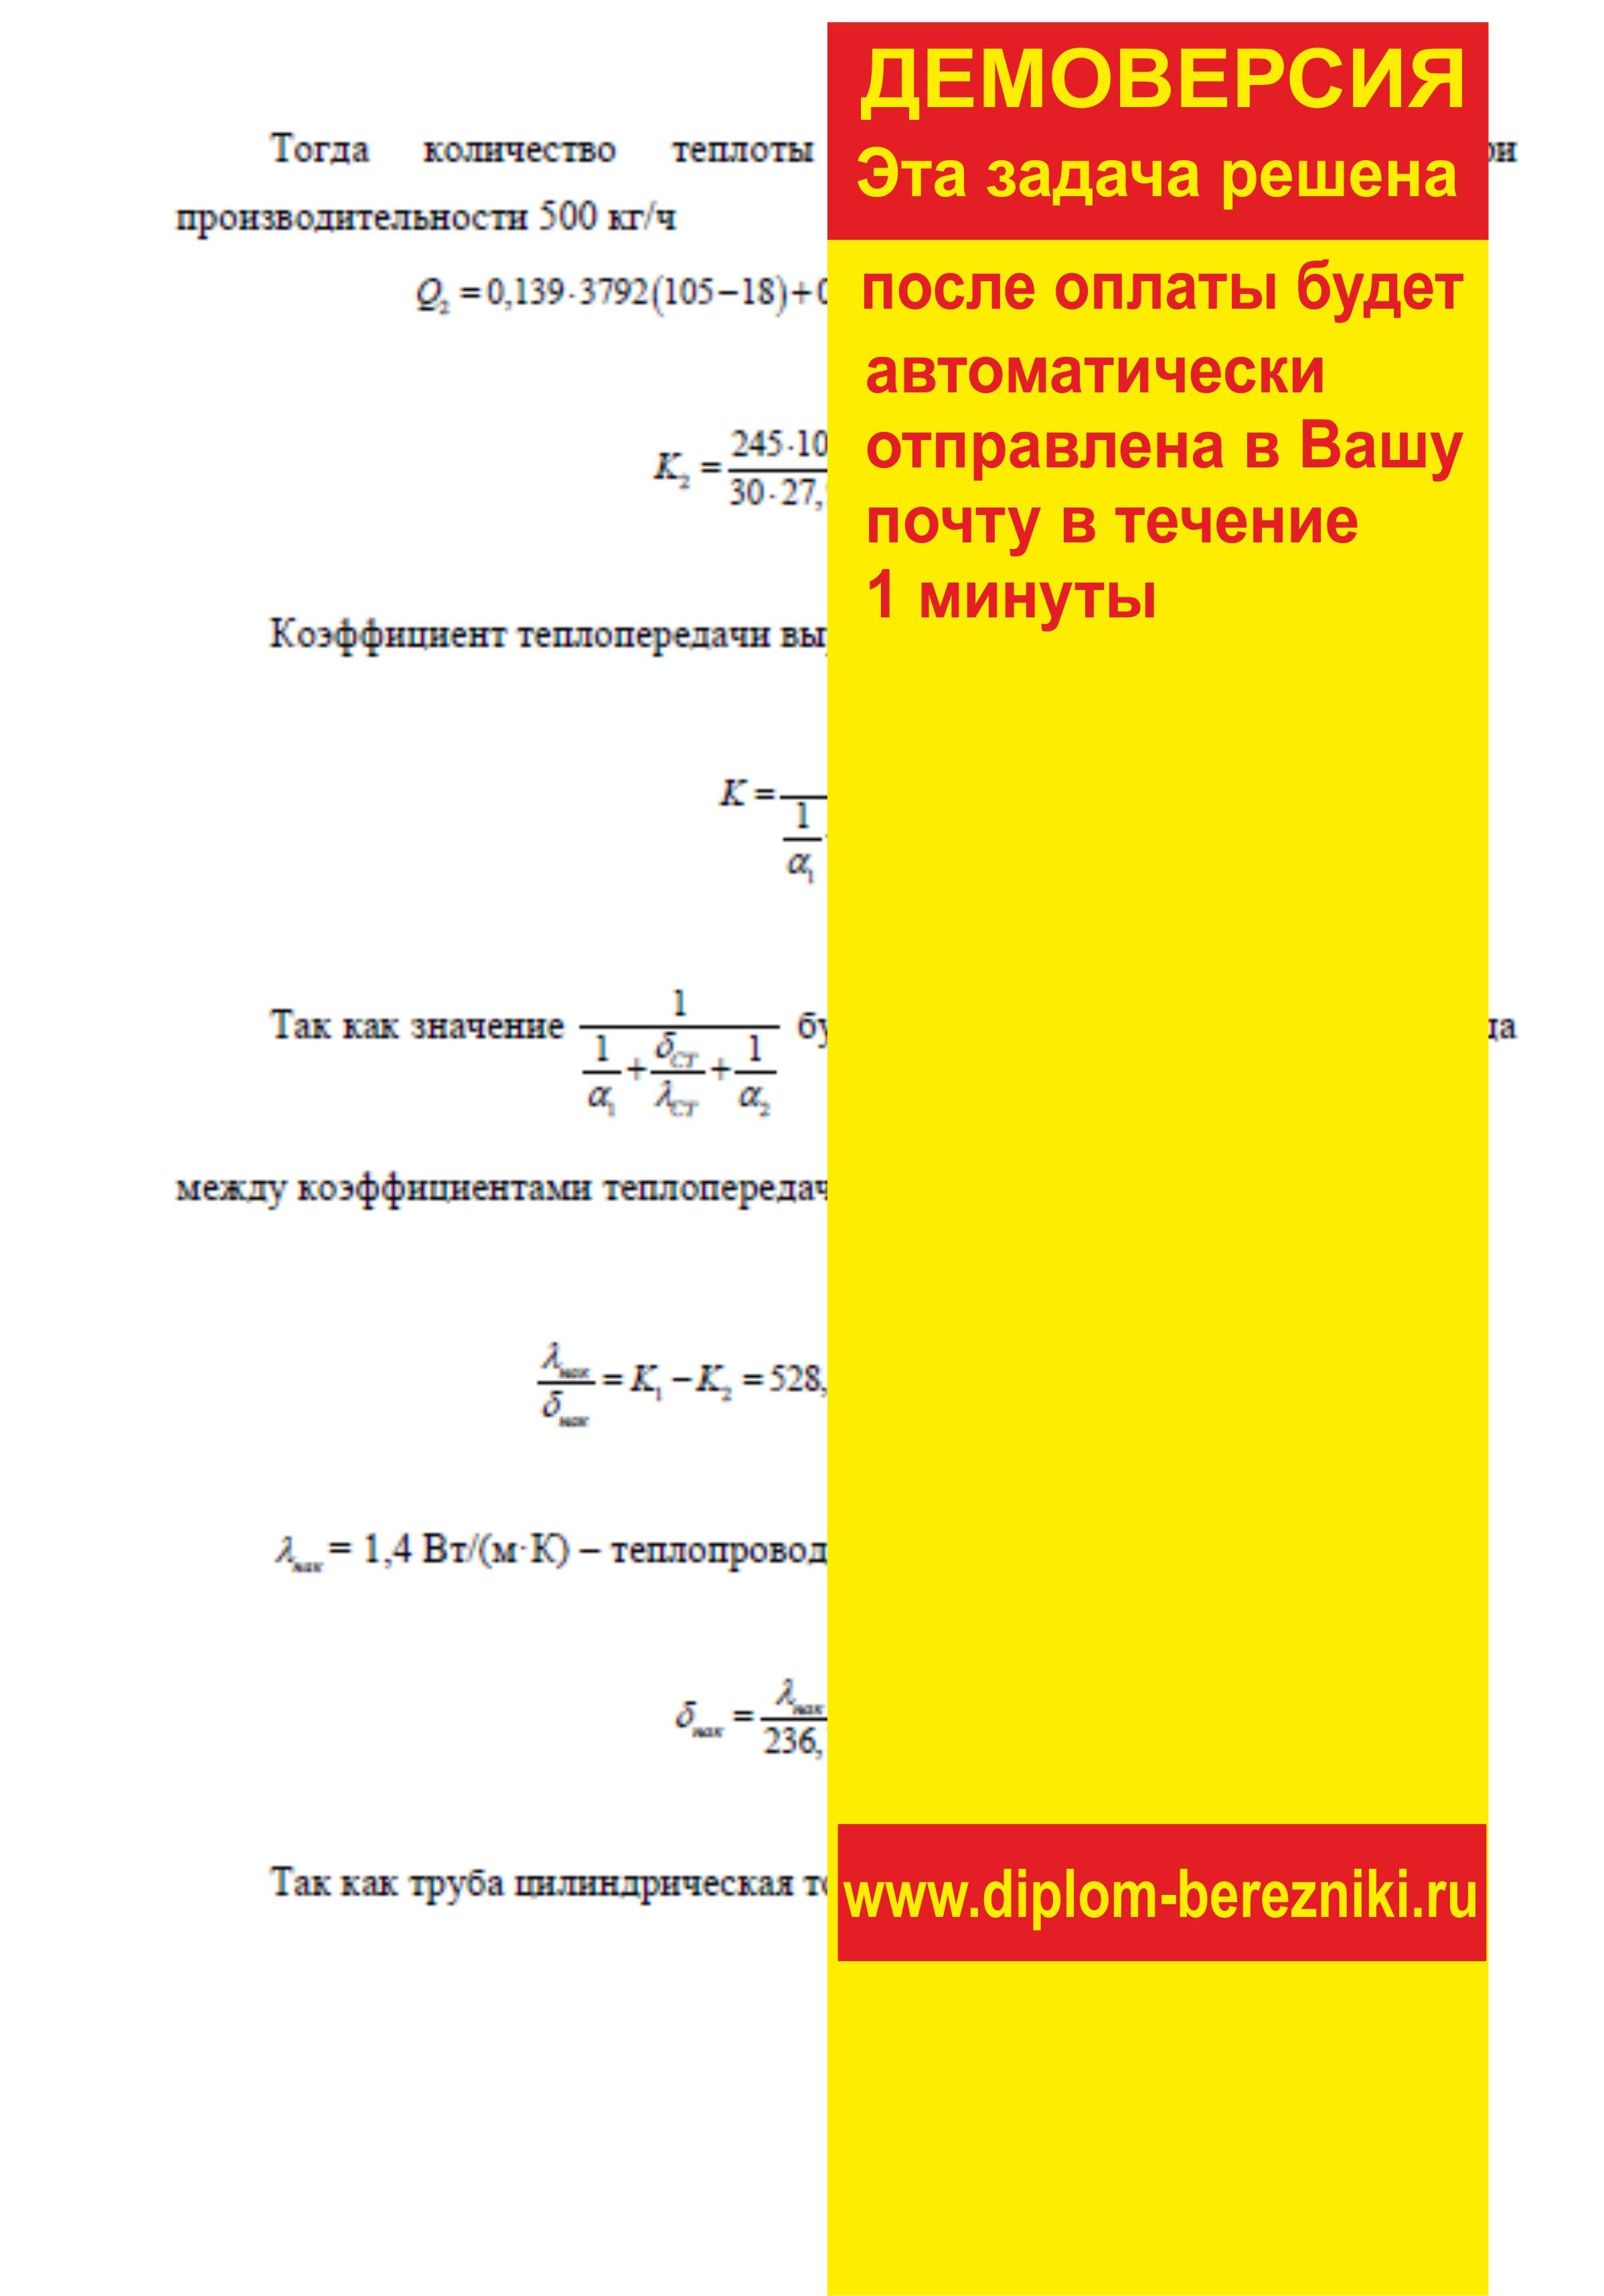 Решение задачи 5.11 по ПАХТ из задачника Павлова Романкова Носкова